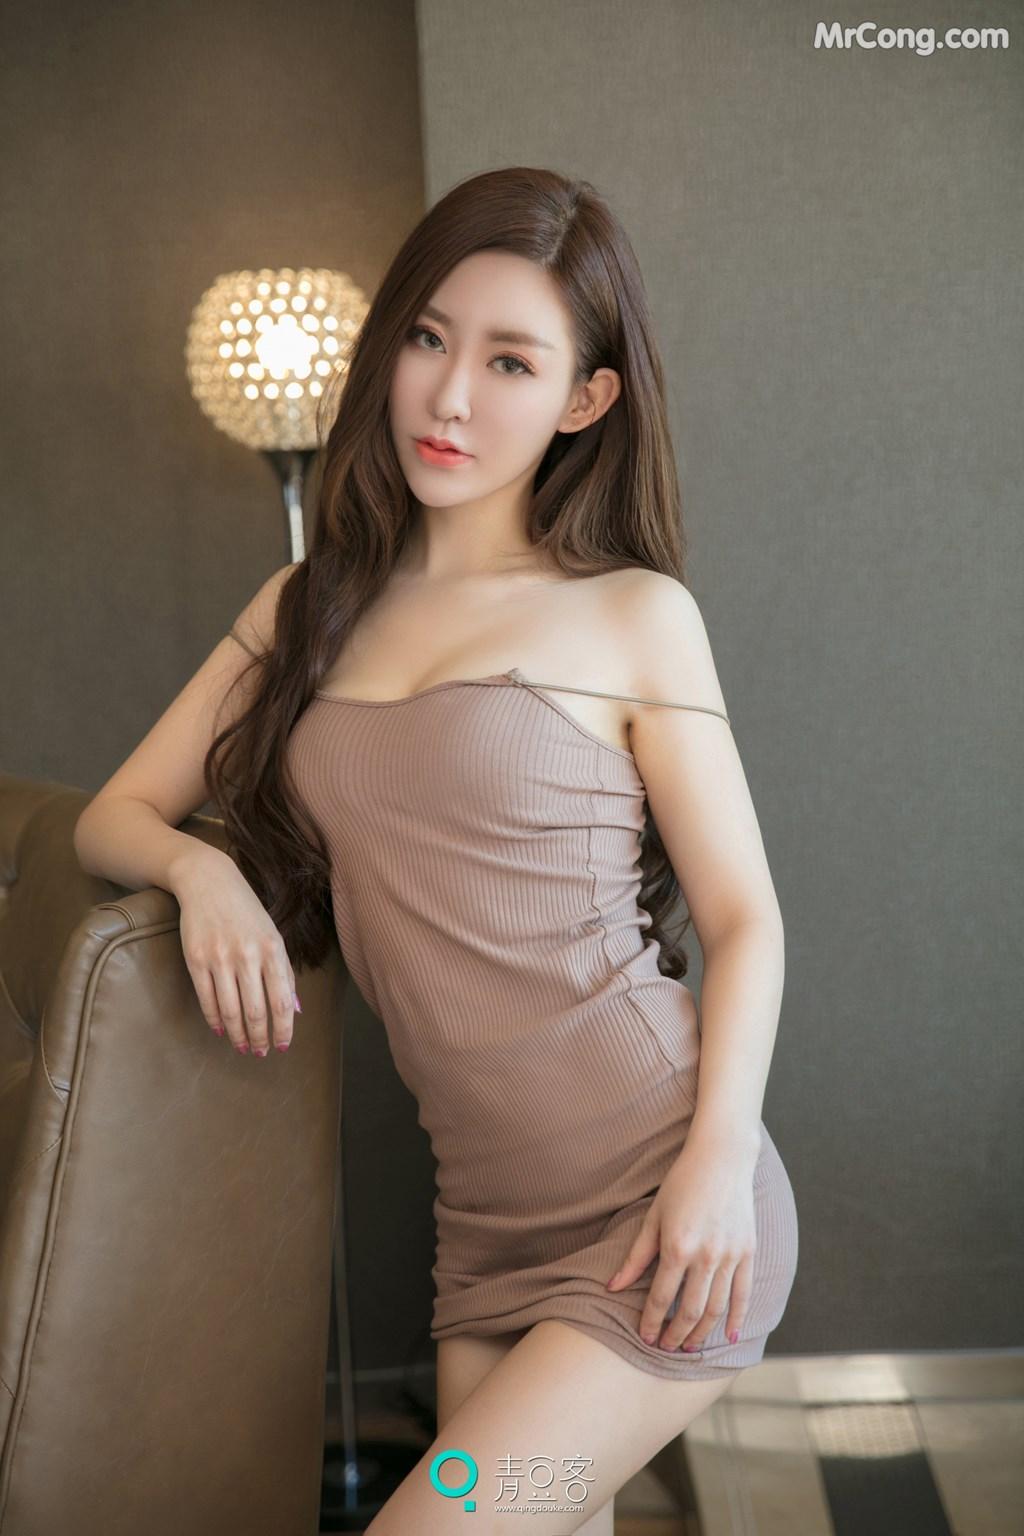 Image QingDouKe-2017-10-12-Qiao-En-Xi-MrCong.com-003 in post QingDouKe 2017-10-12: Người mẫu Qiao En Xi (乔恩夕) (54 ảnh)